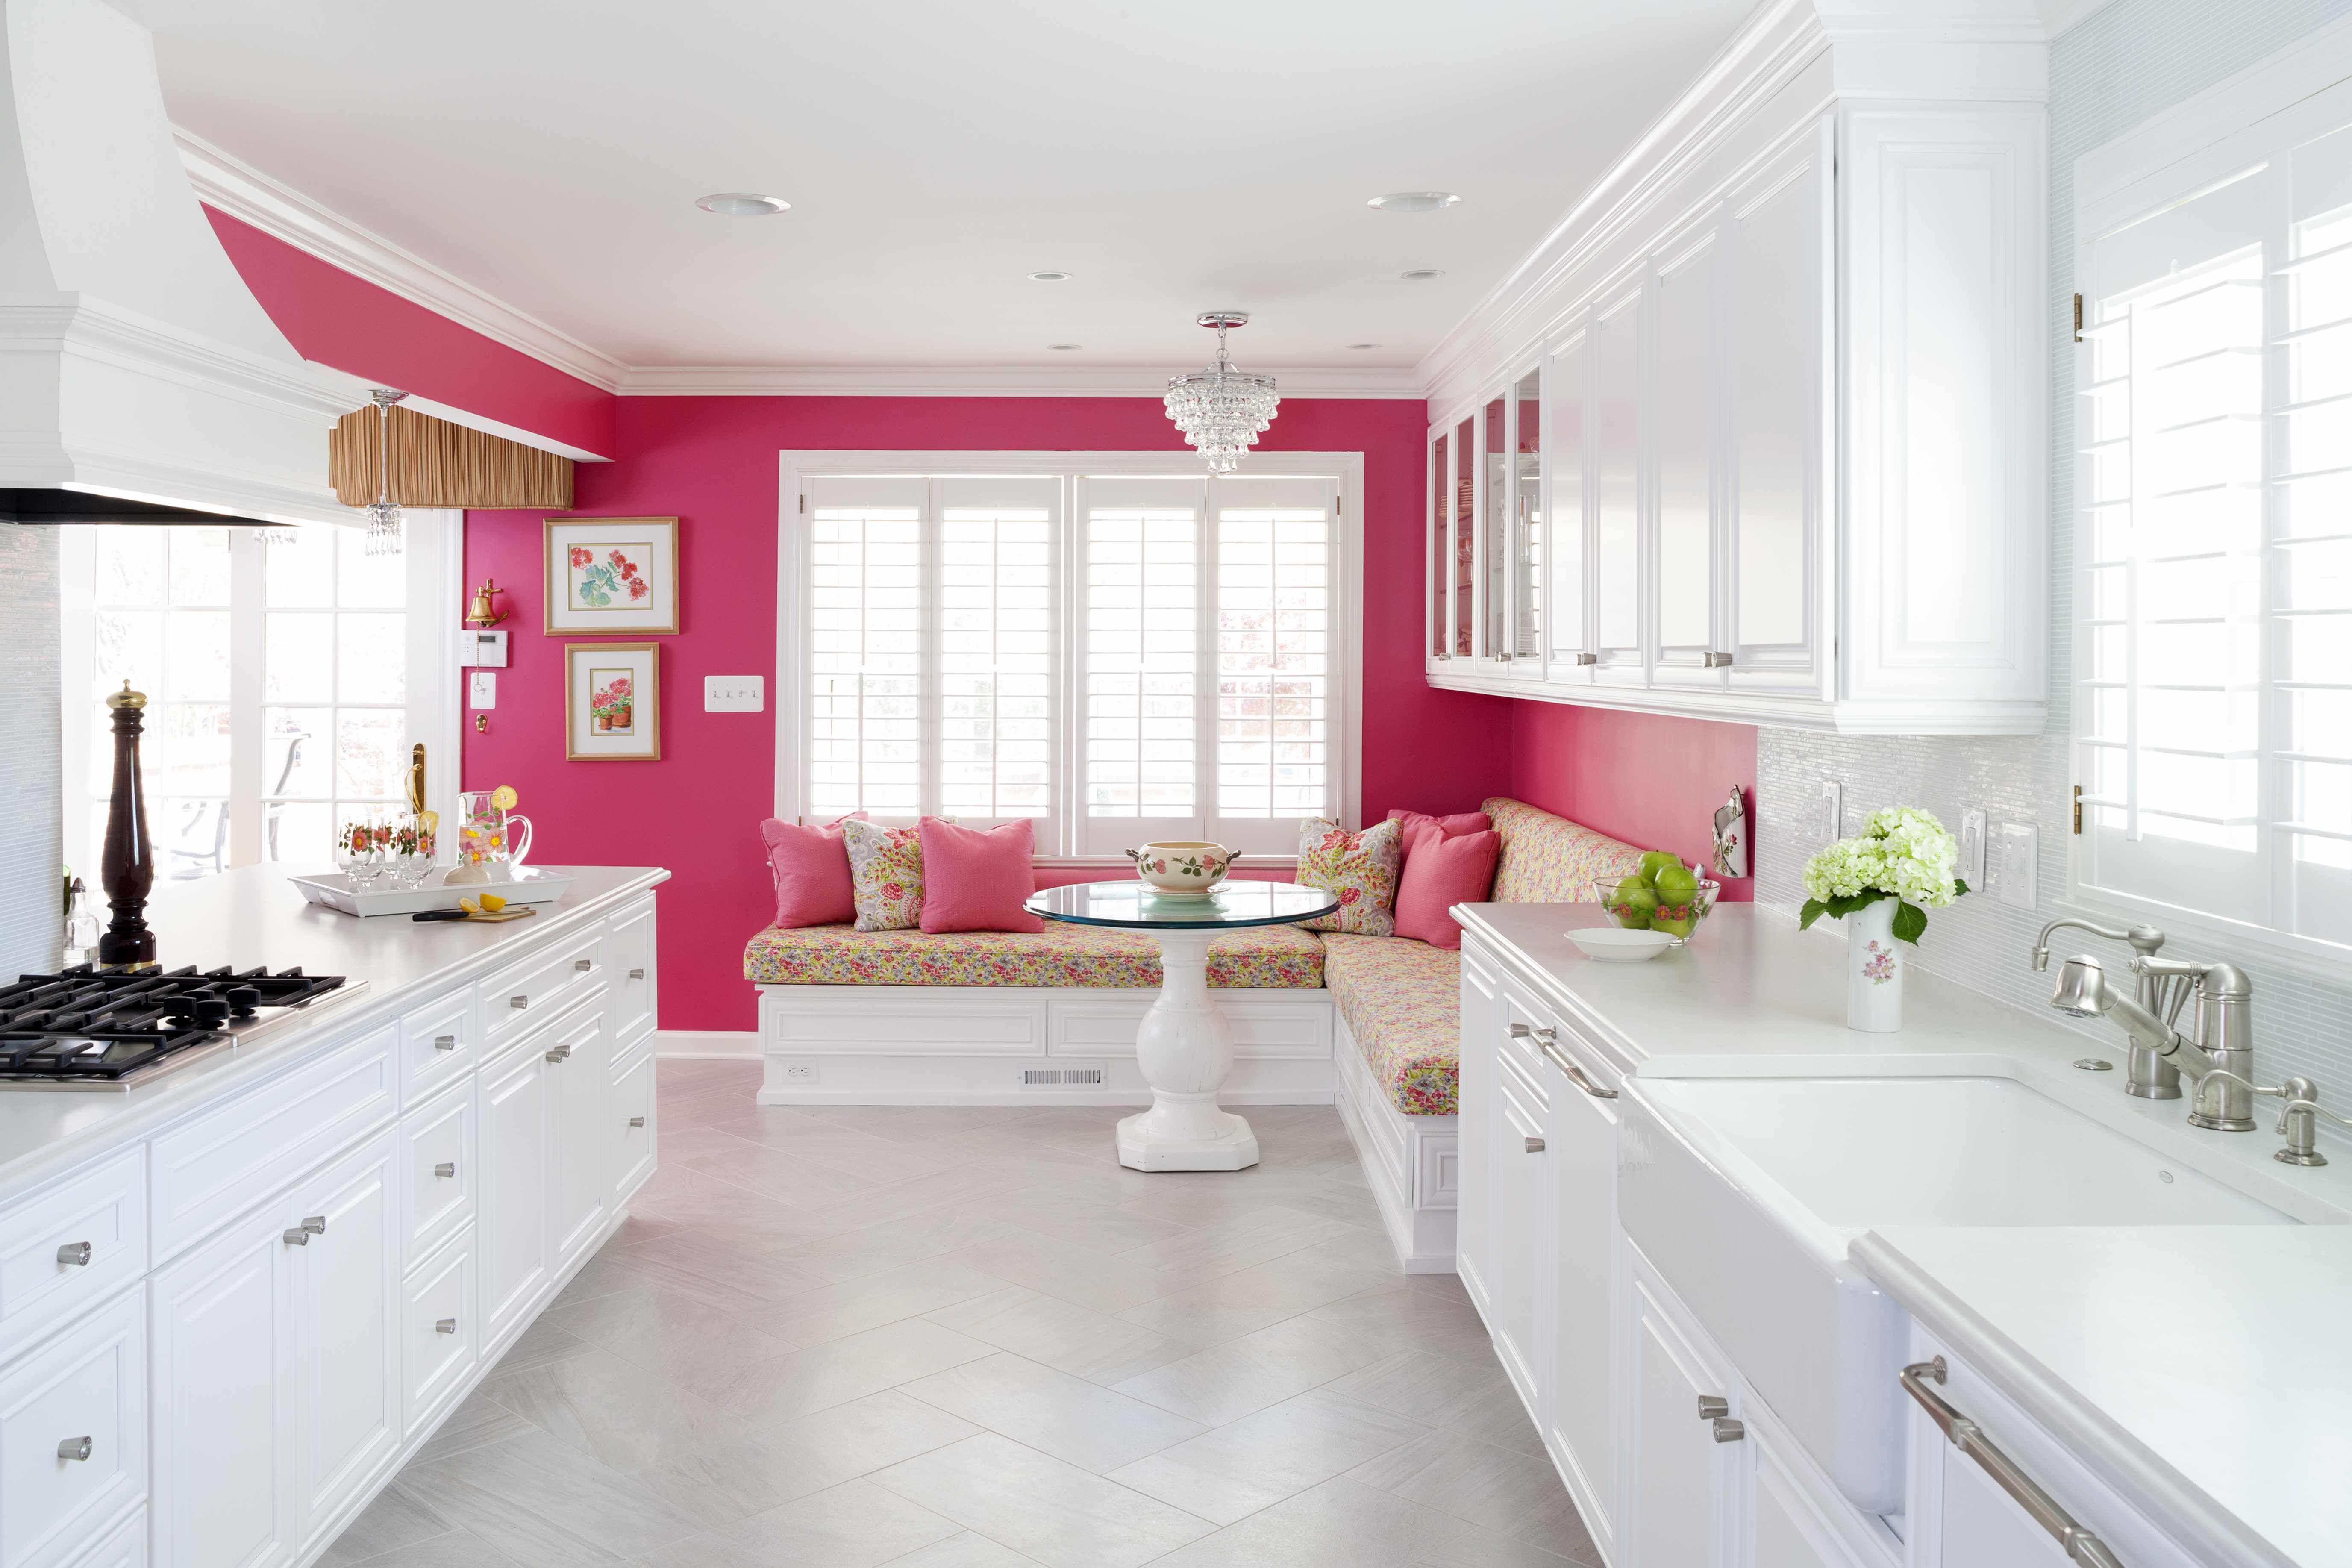 Fregadero de cocina de piedra de jabón con gabinetes amarillos.